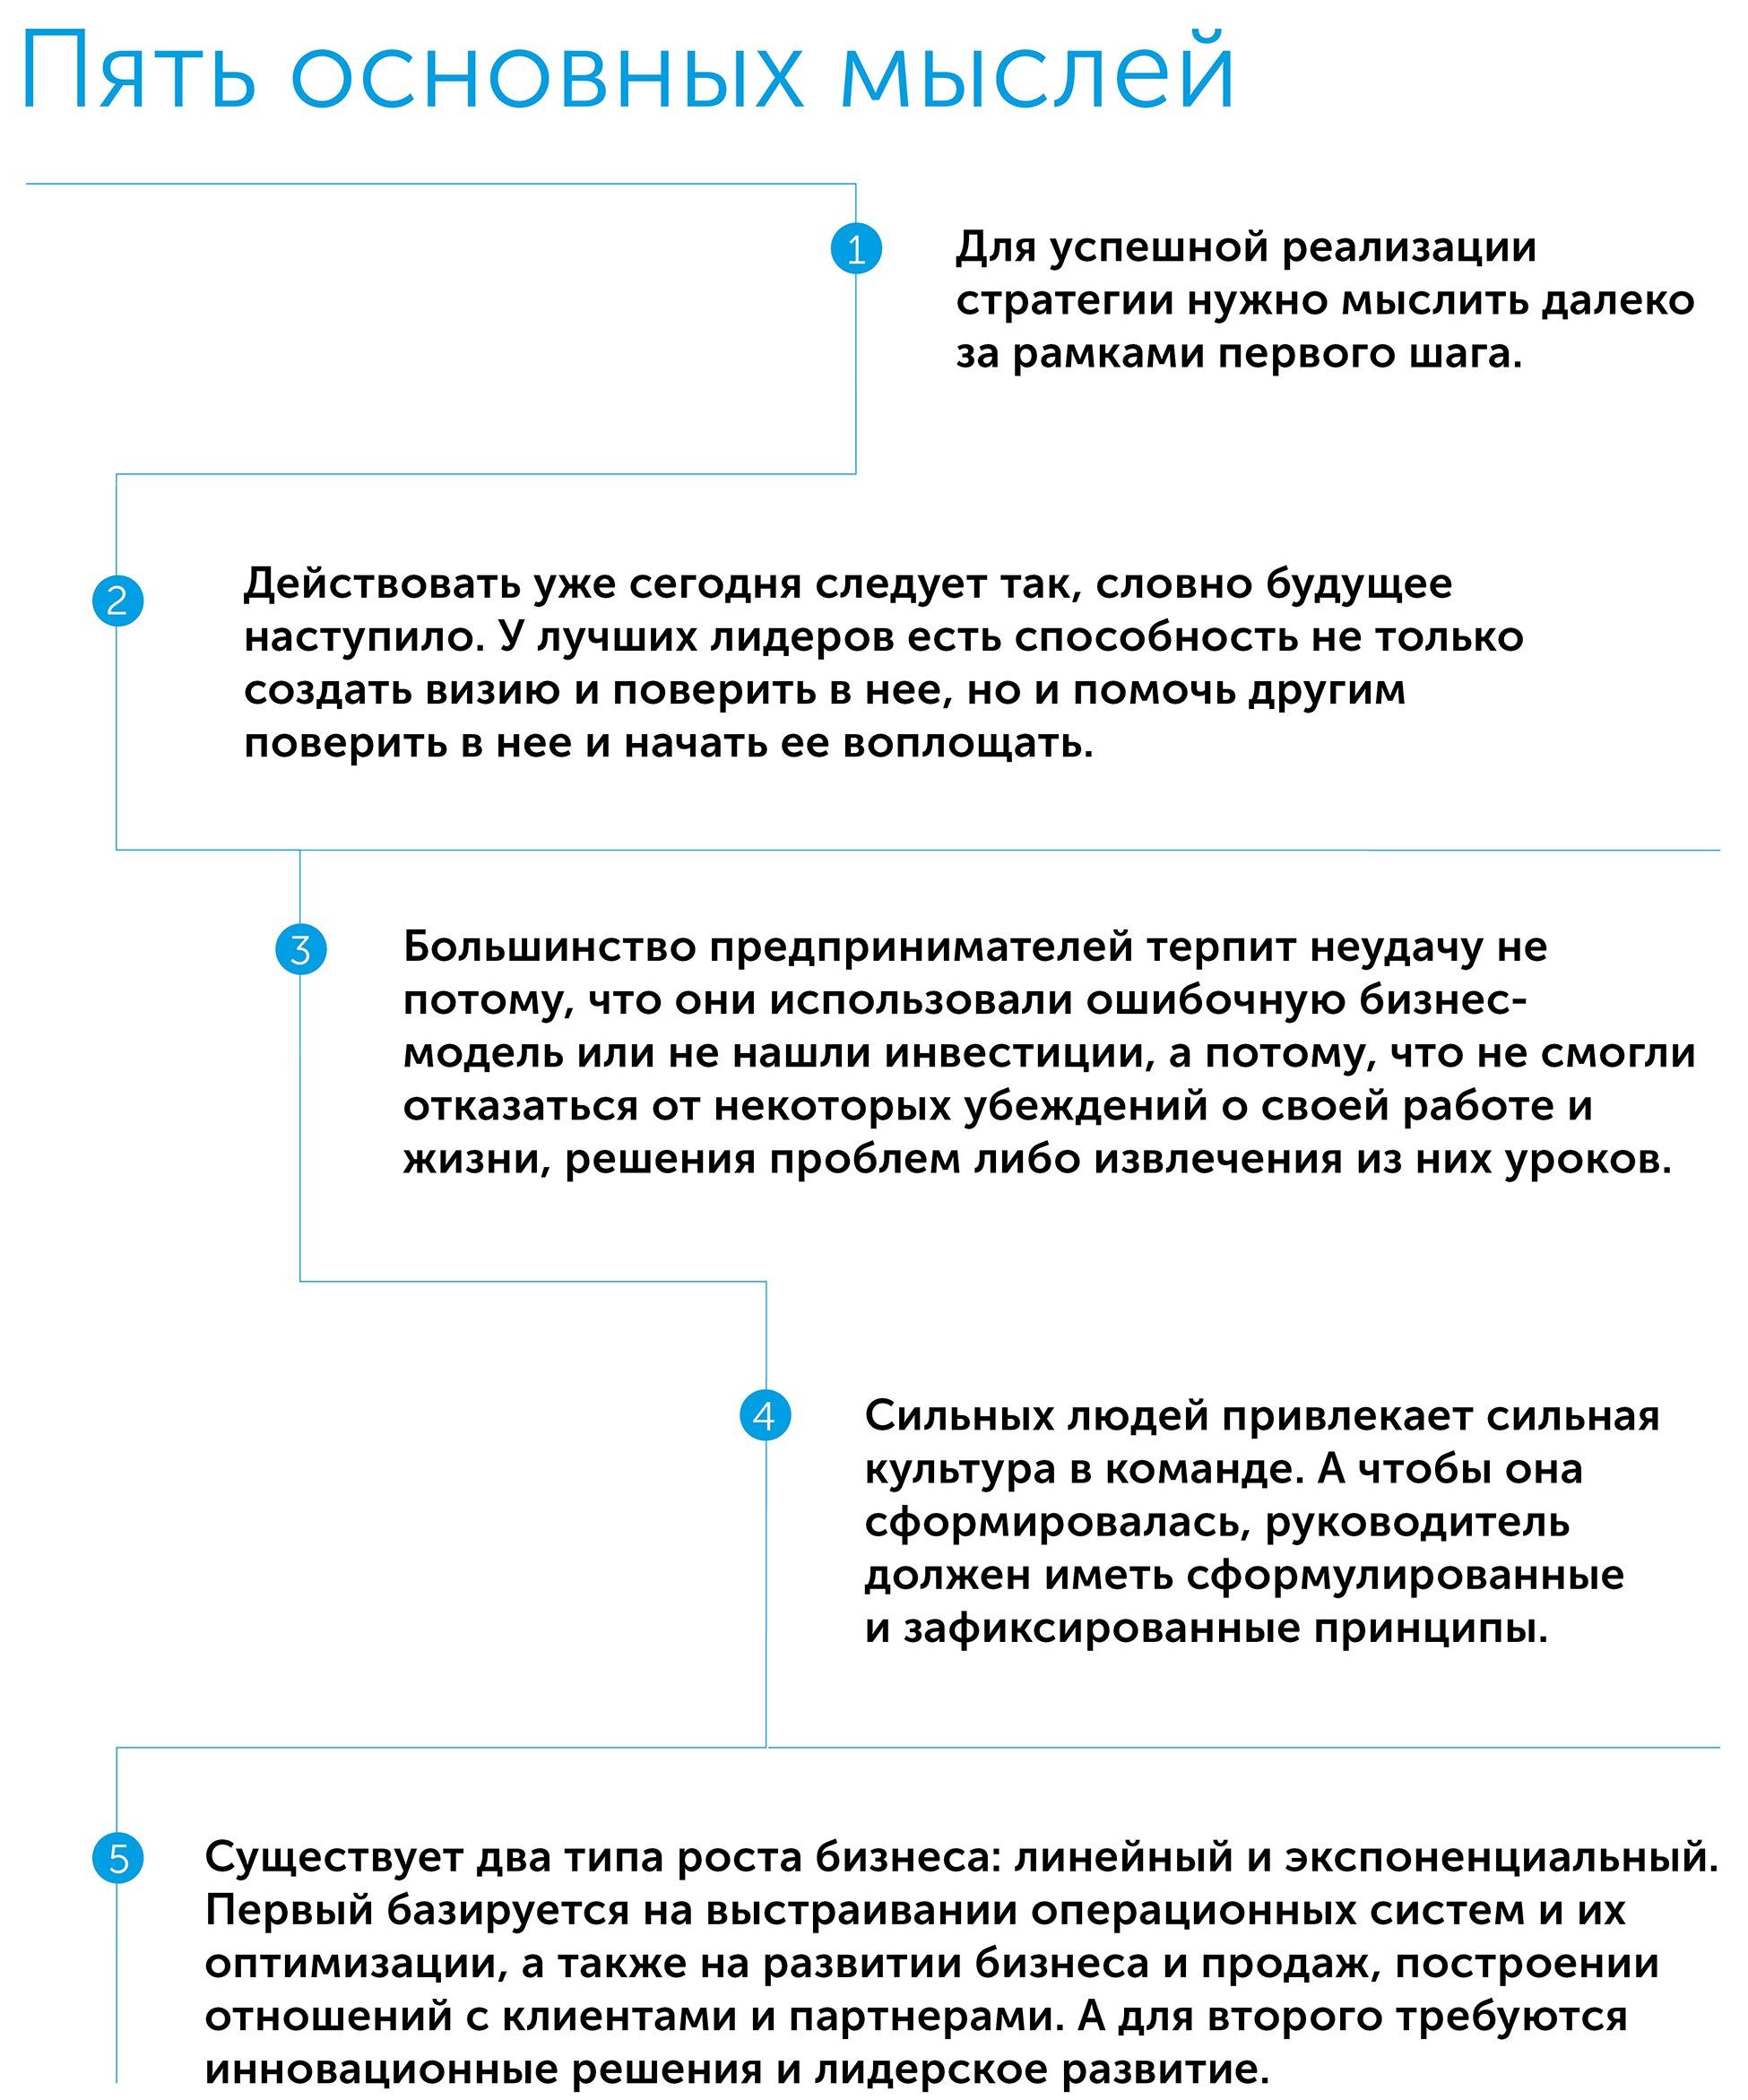 Следующие пять шагов, author Патрик Бет-Дэвид | Kyivstar Business Hub, image №2